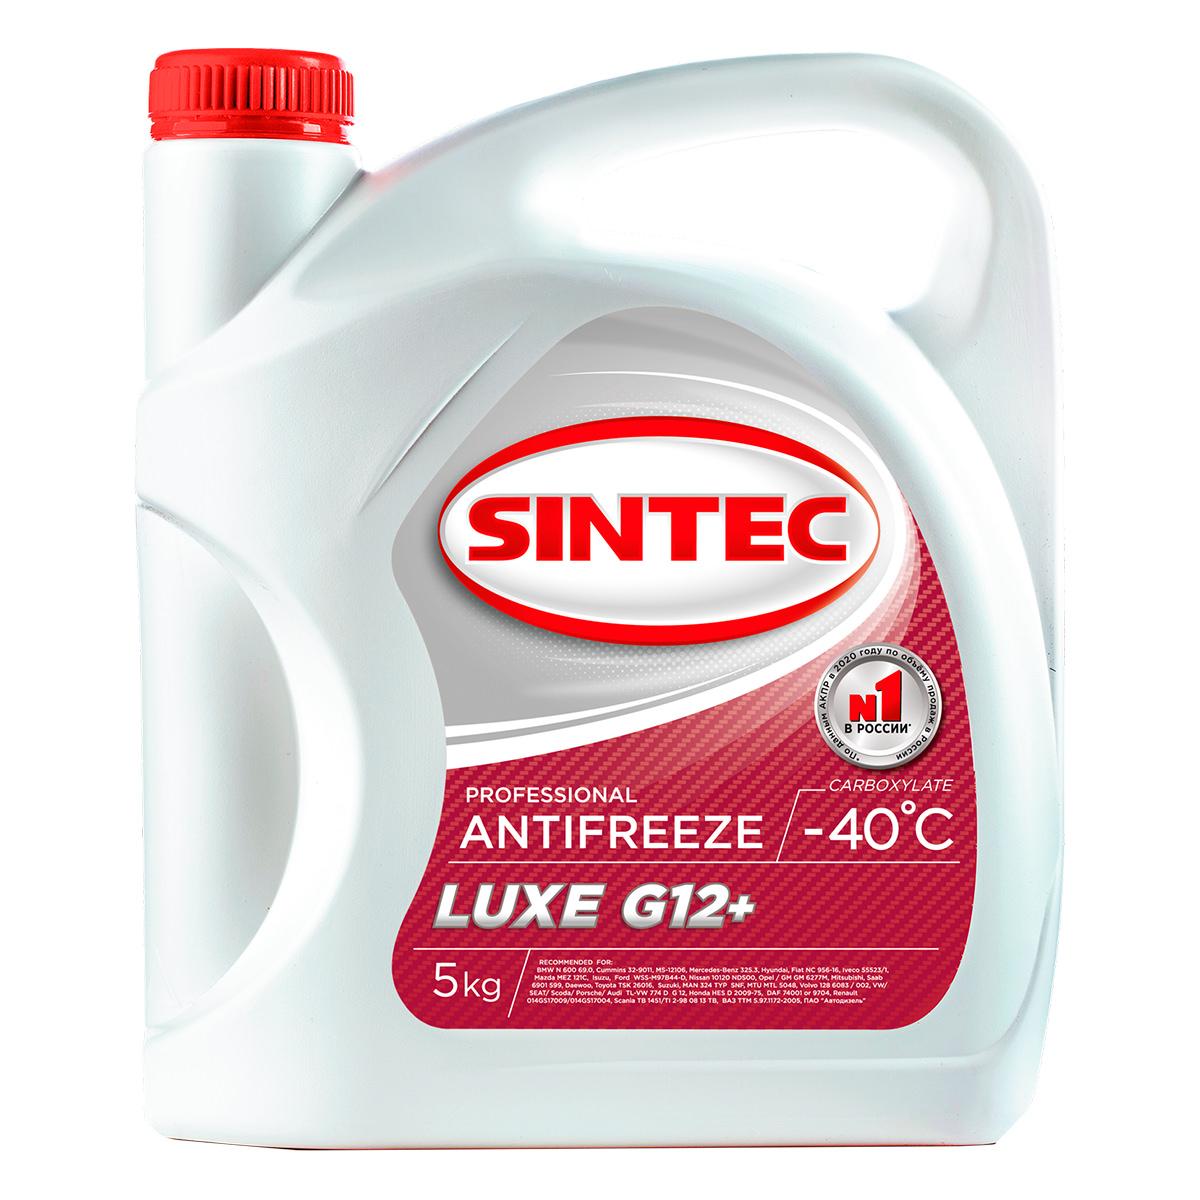 SINTEC ANTIFREEZE LUXE G12+ (-40)